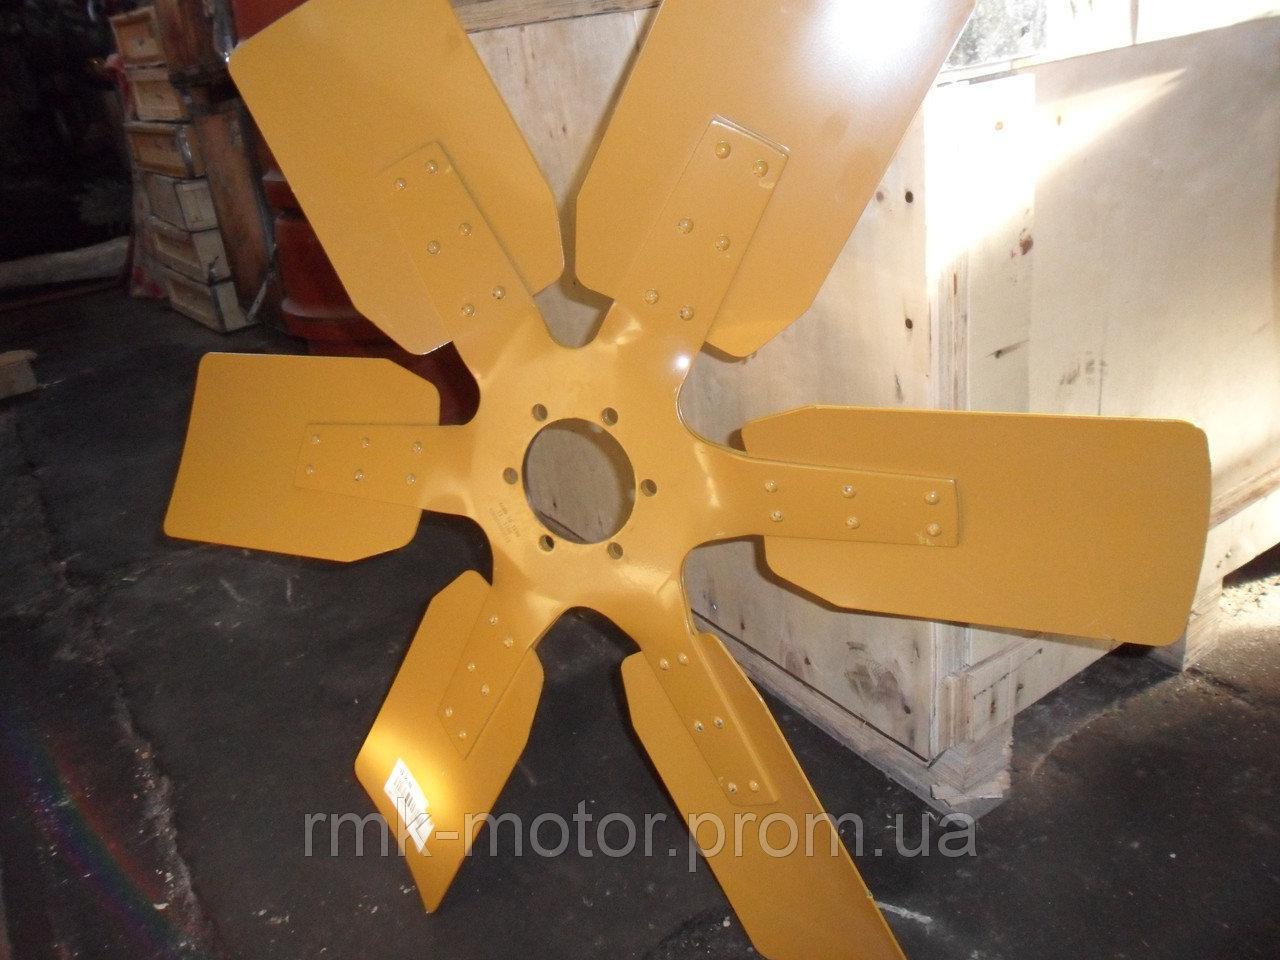 Вентилятор, крыльчатка 612600060154 на погрузчик ZL50G